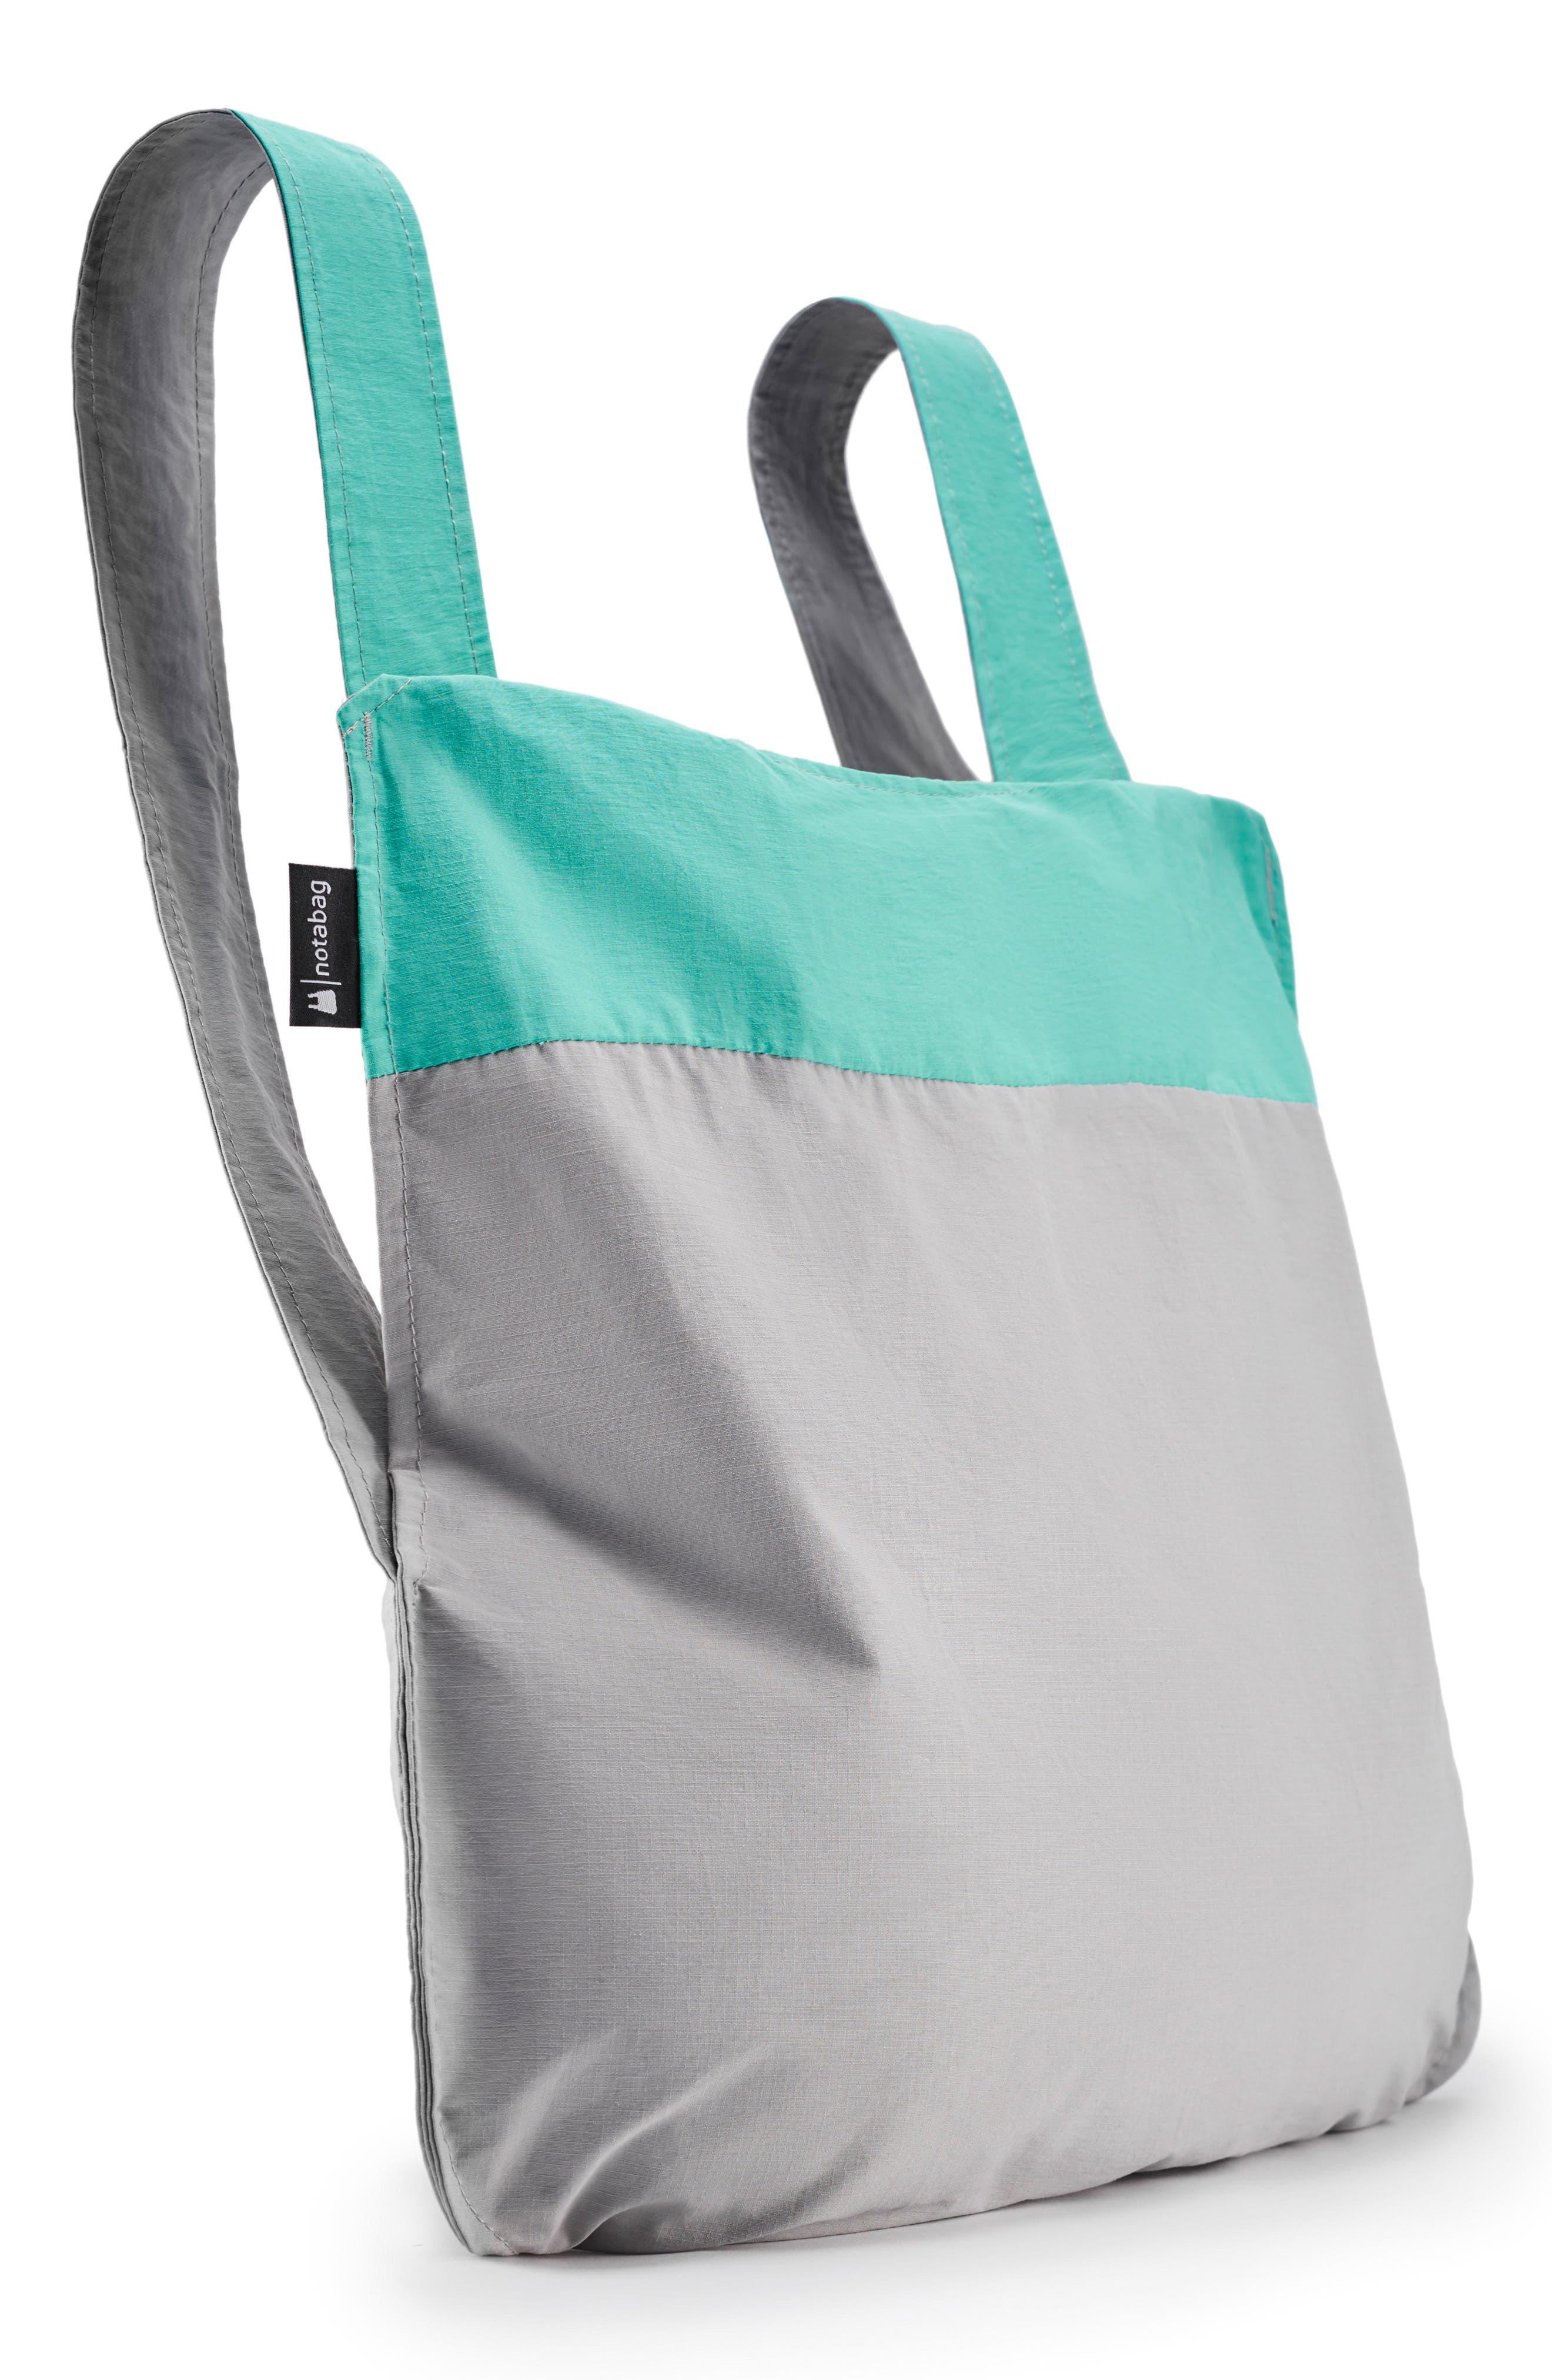 NOTABAG, Convertible Tote Backpack, Main thumbnail 1, color, MINT/ GREY